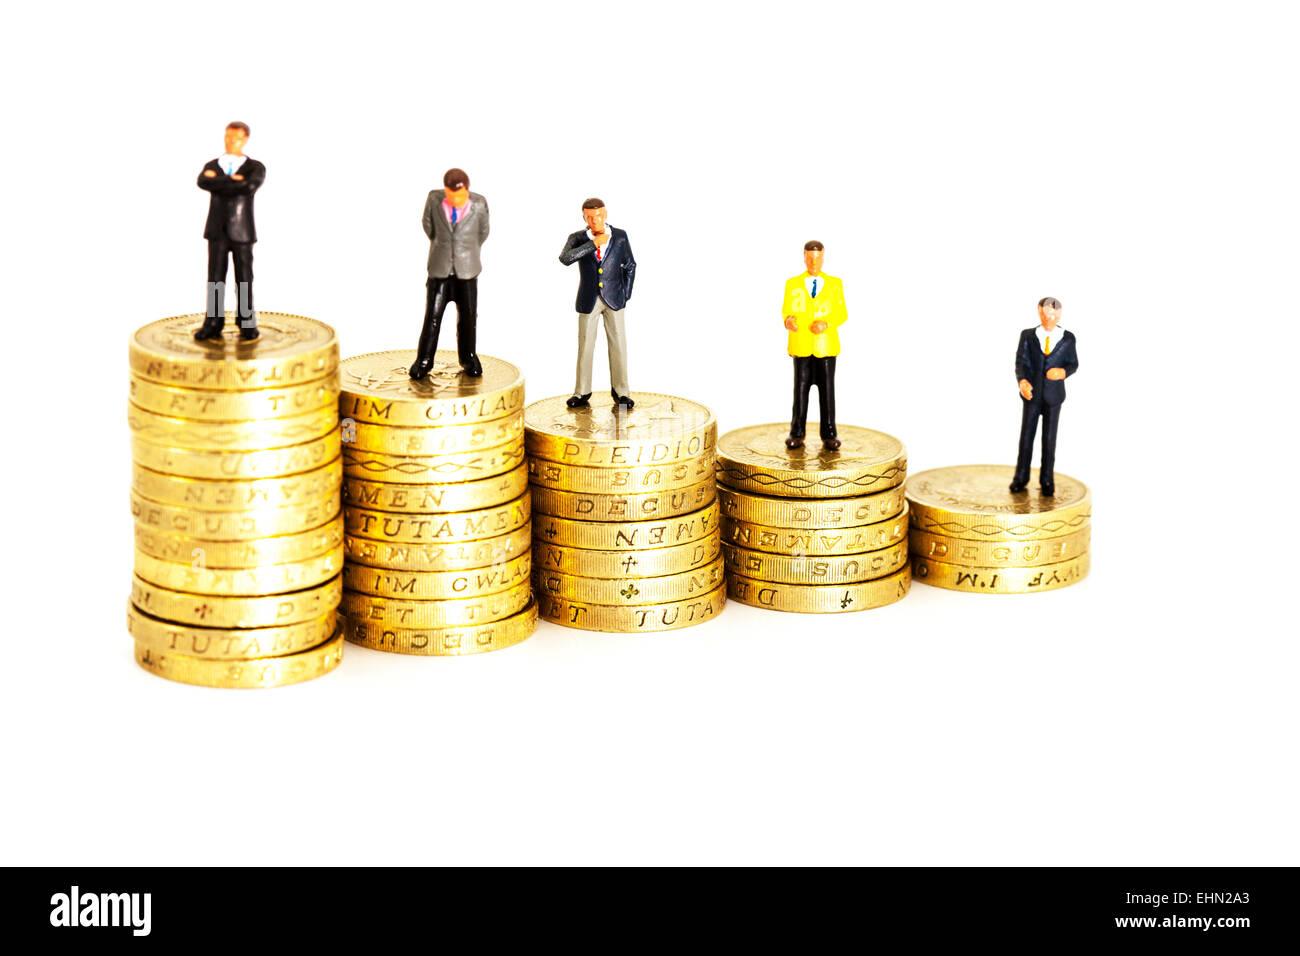 Comparer comparaison des salaires salaires revenu salaire salaire finance argent isolé paie coupé g fond Photo Stock